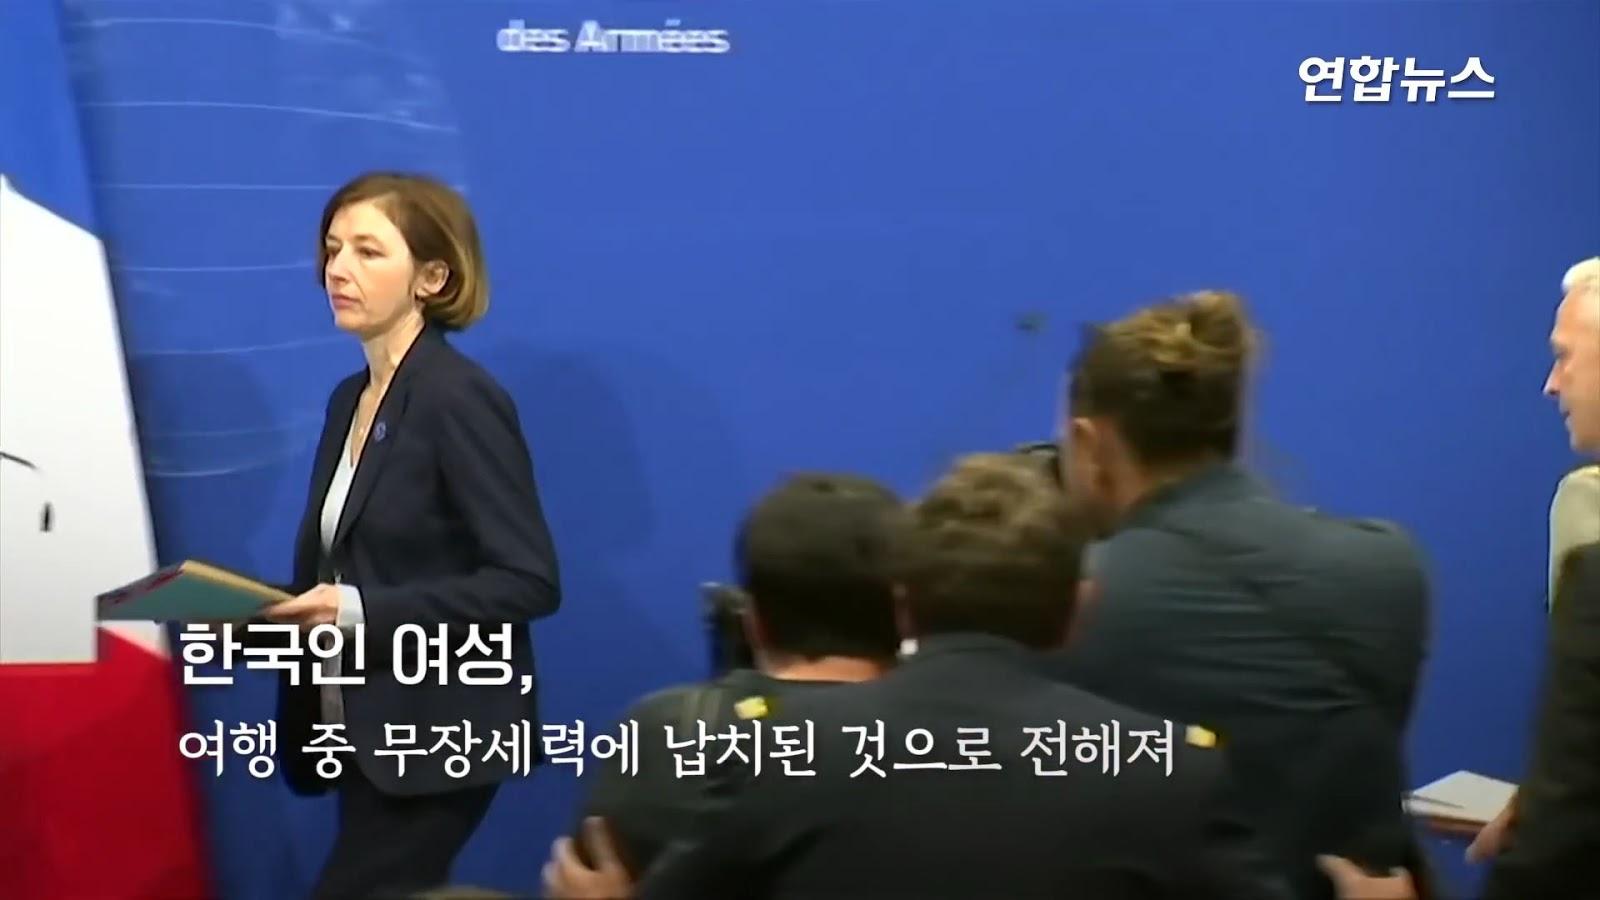 프랑스군이 구출한 한국인 인질